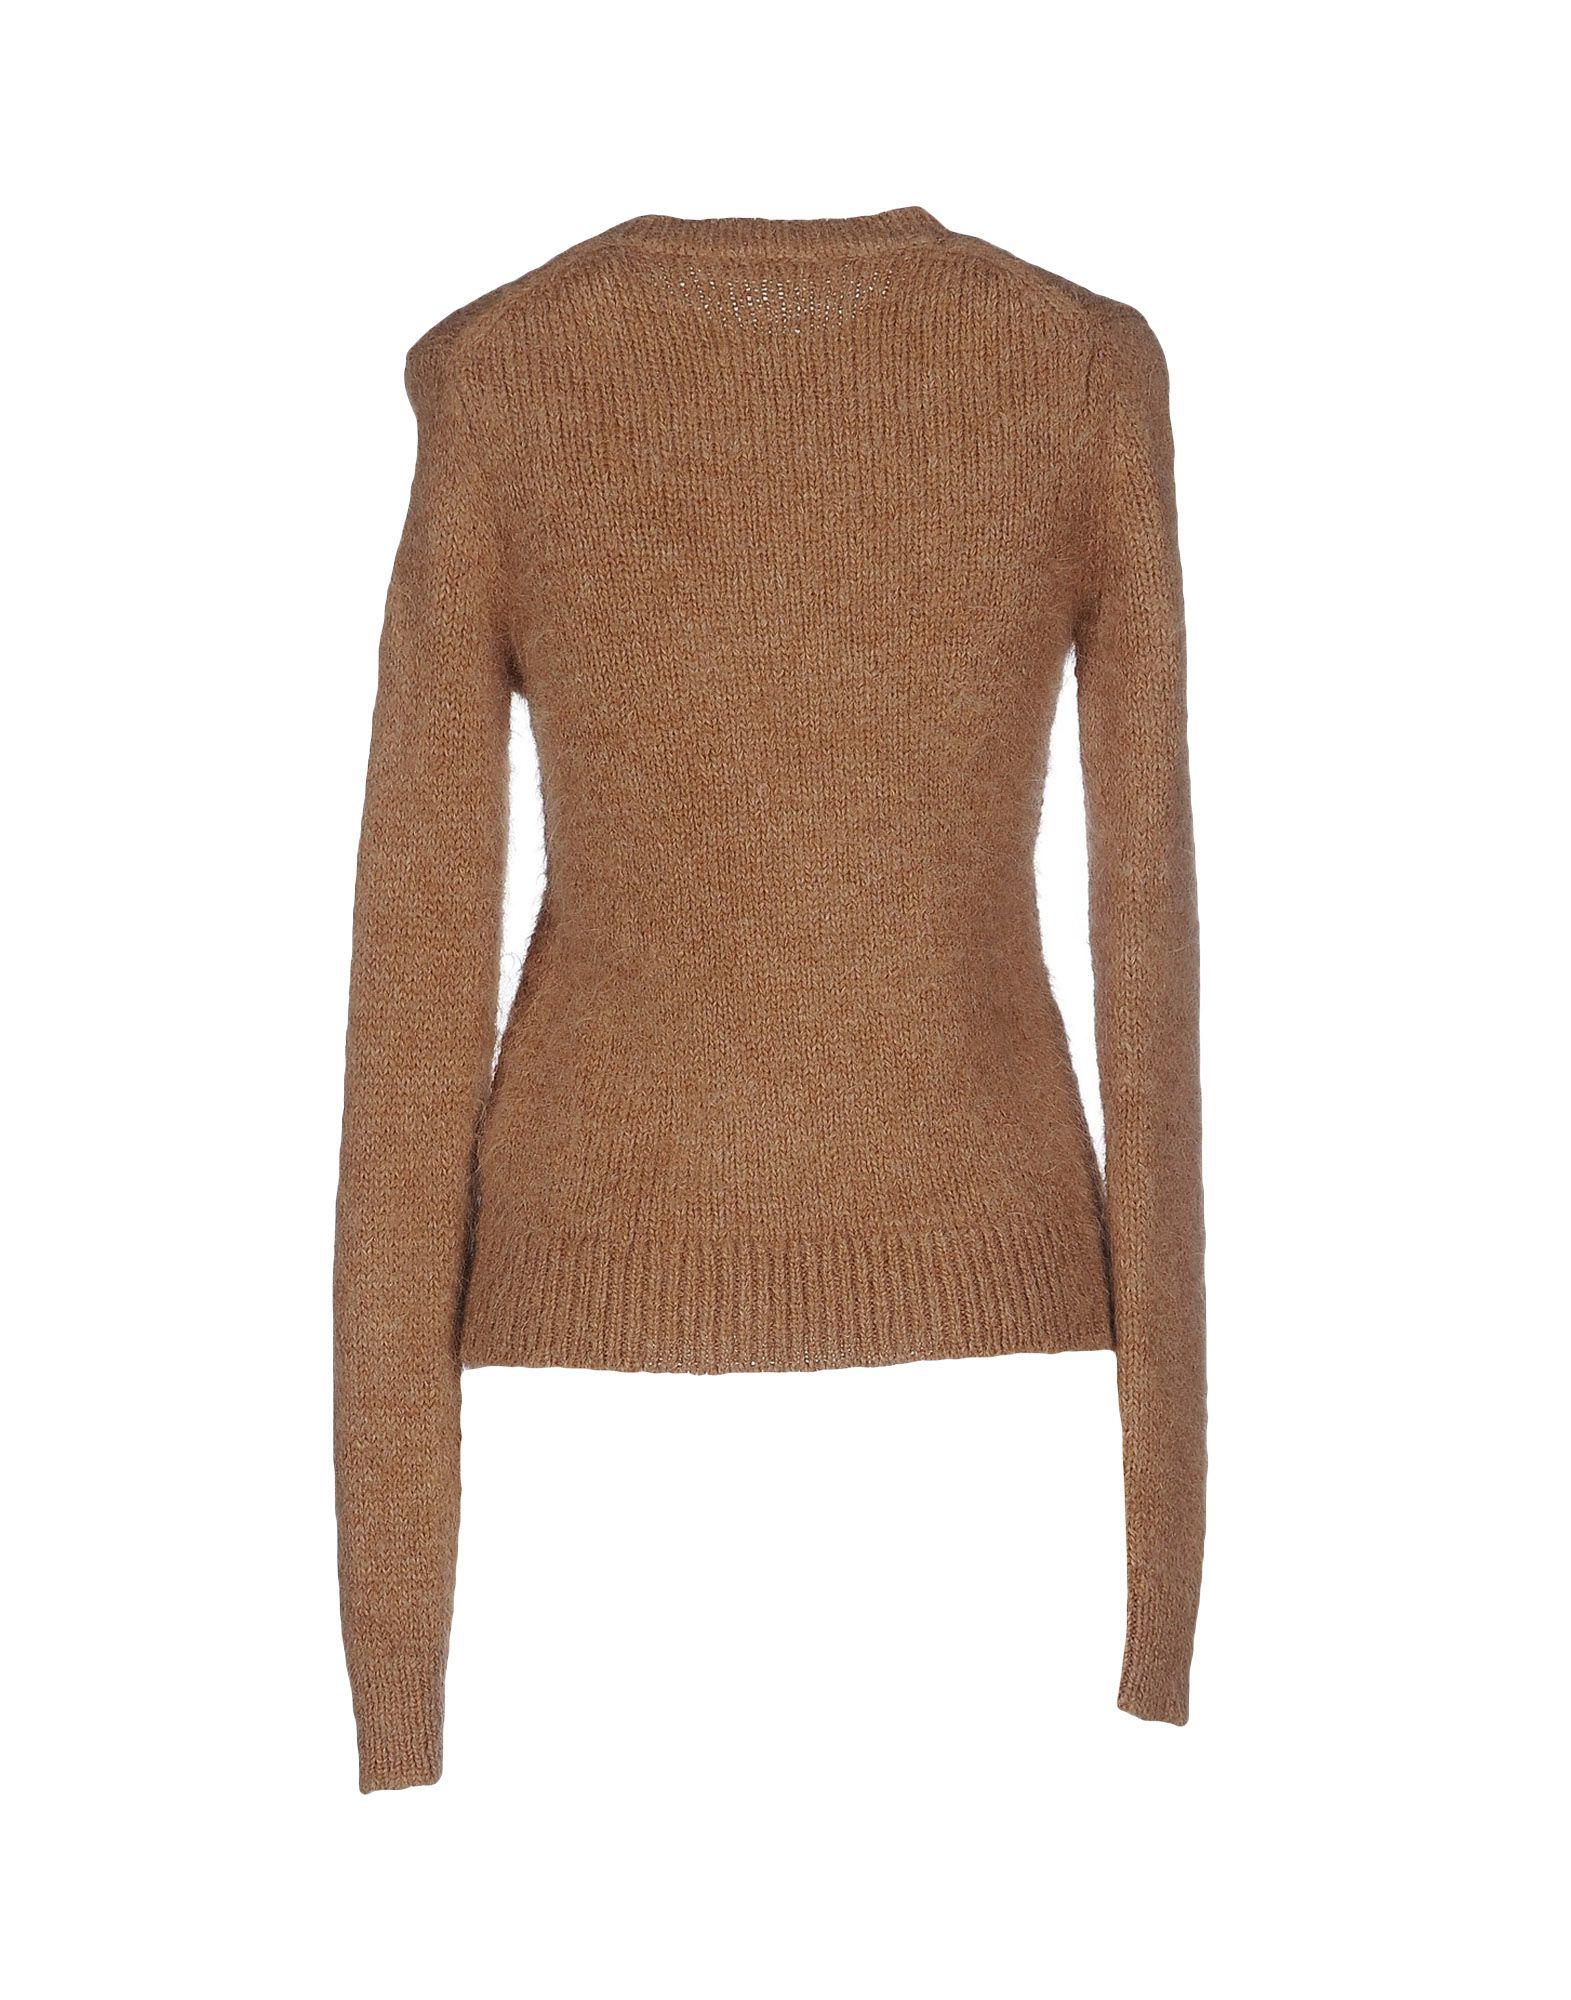 d4ade667889 Celine Camel Cashmere Sweater